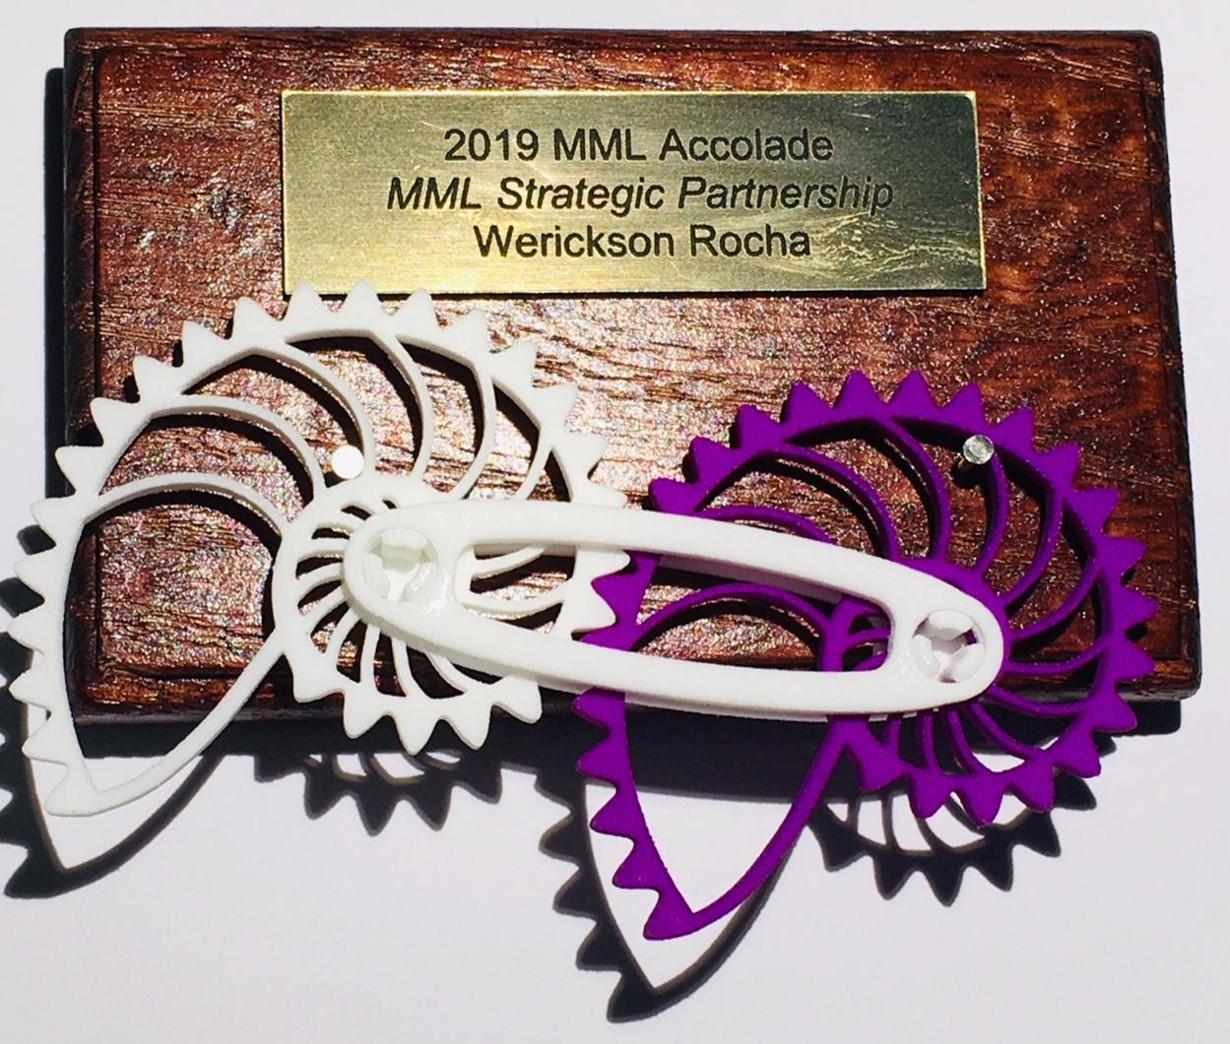 Instituto Nacional de Metrologia dos EUA premia pesquisador do Inmetro